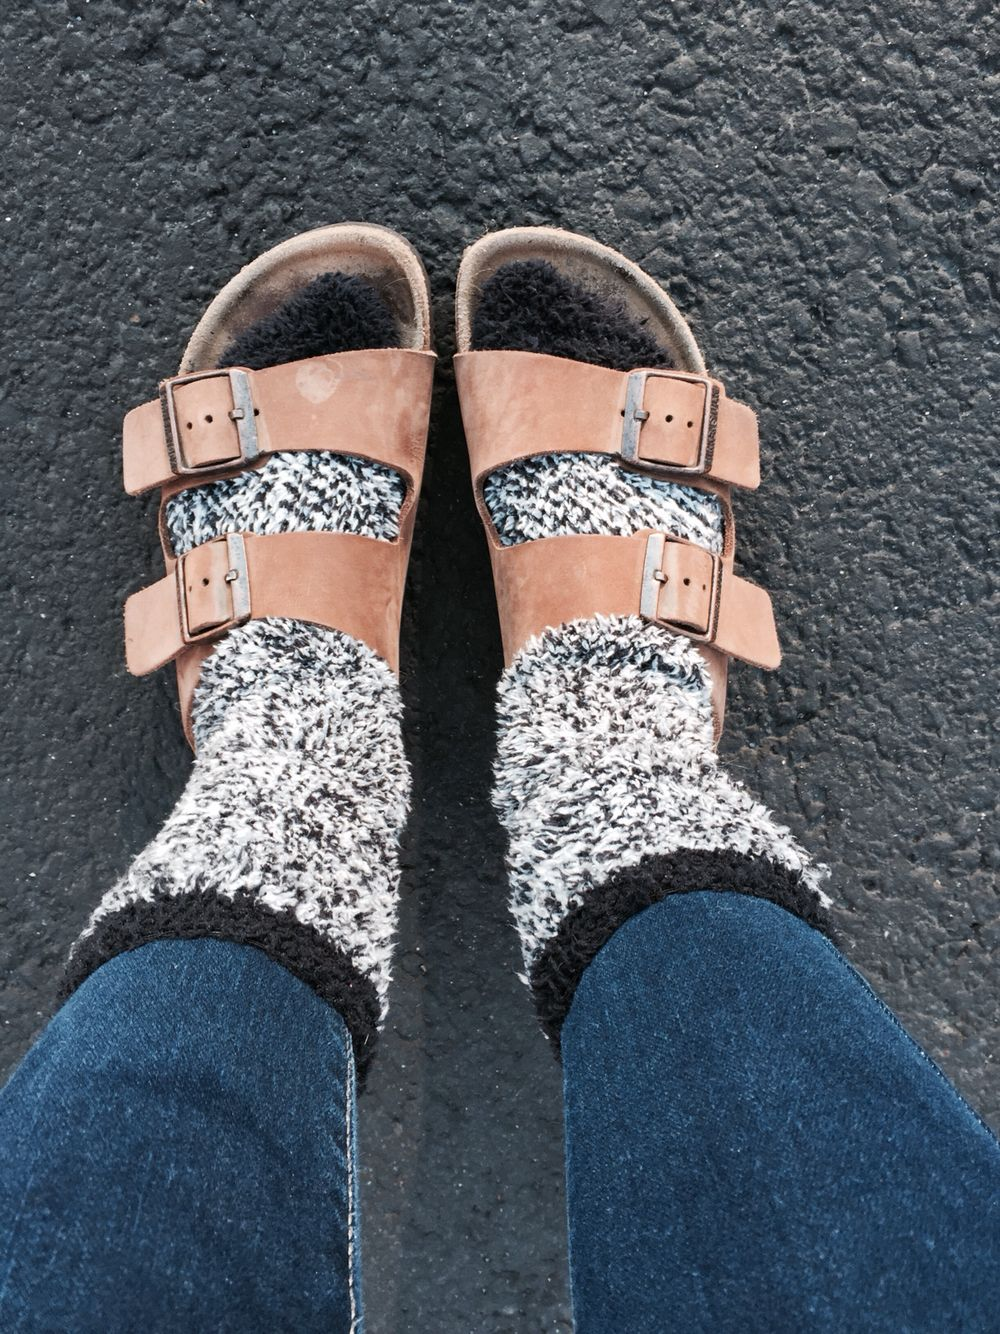 birks and fuzzy socks:)   Fuzzy socks